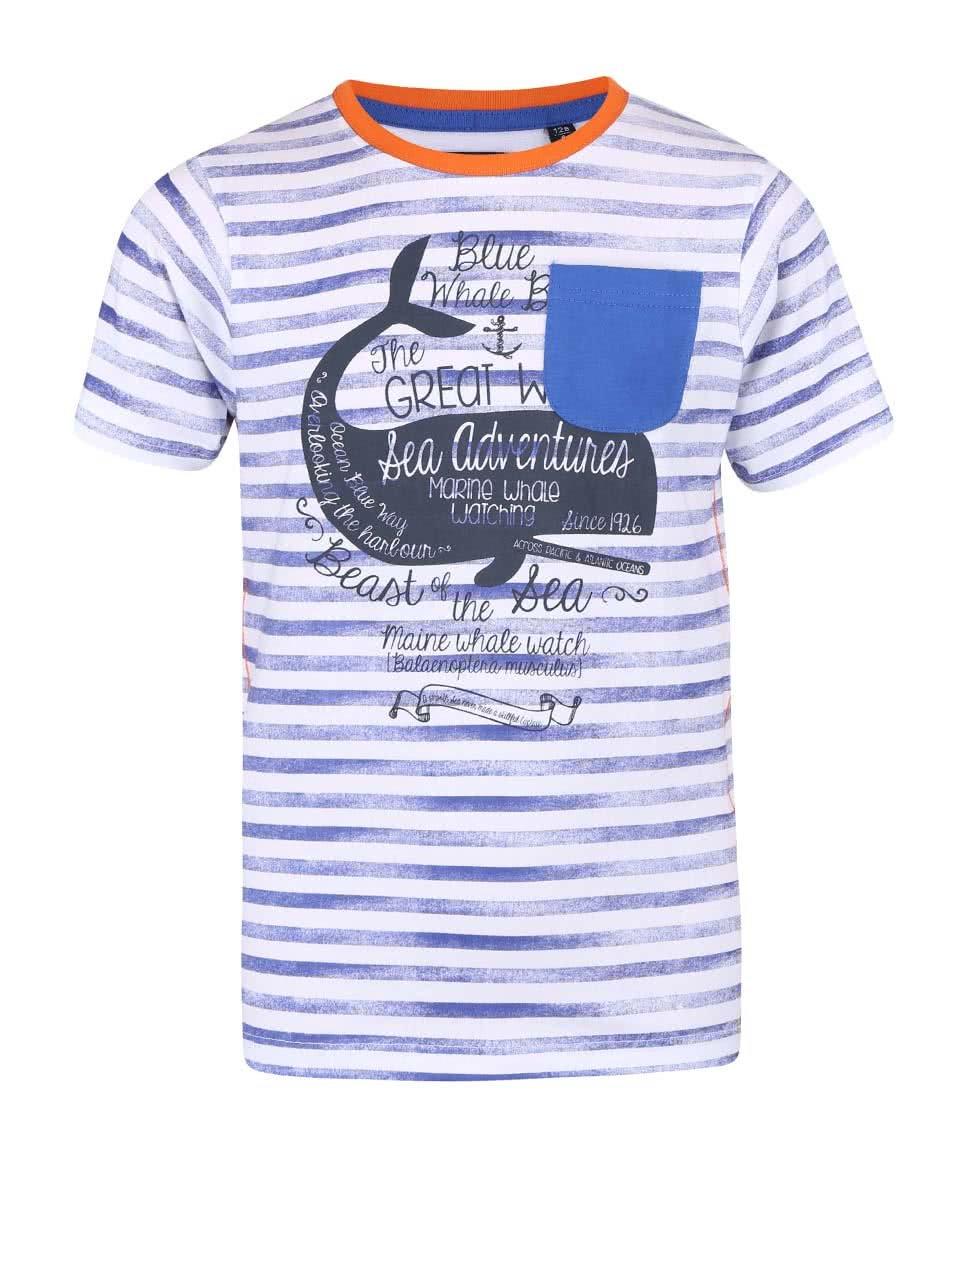 386bff2a6abf Bielo-modré detské tričko s potlačou veľryby Blue Seven ...